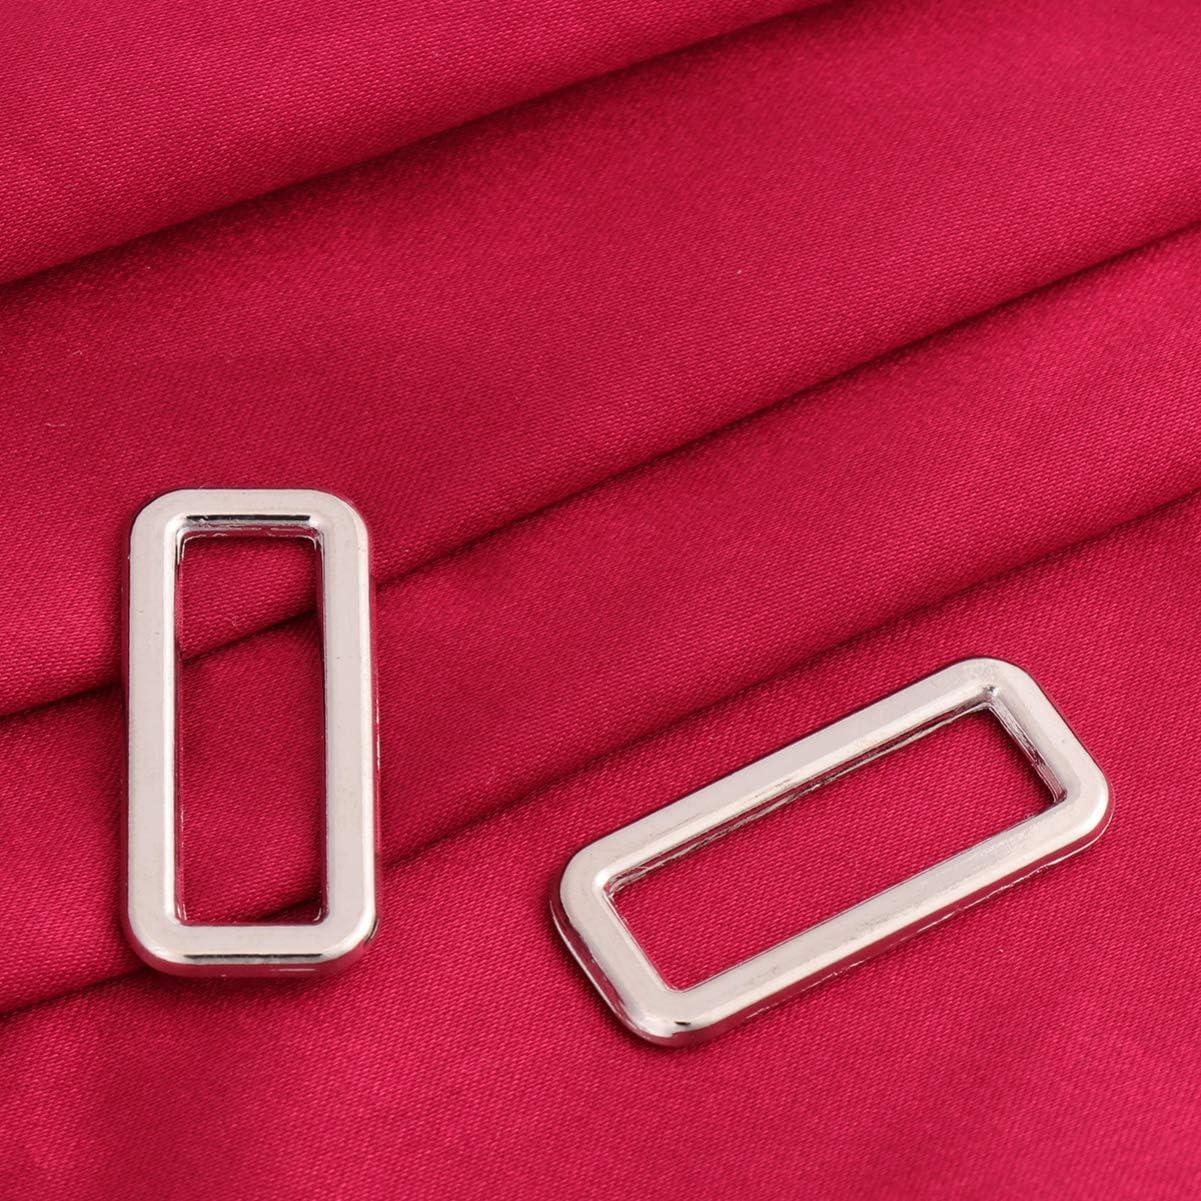 Healifty 30 St/ücke Rechteck Ring Schnallen Gurtband Schleifen Einsteller Platz Schnalle f/ür Handtaschenriemen DIY Zubeh/ör Tasche Machen